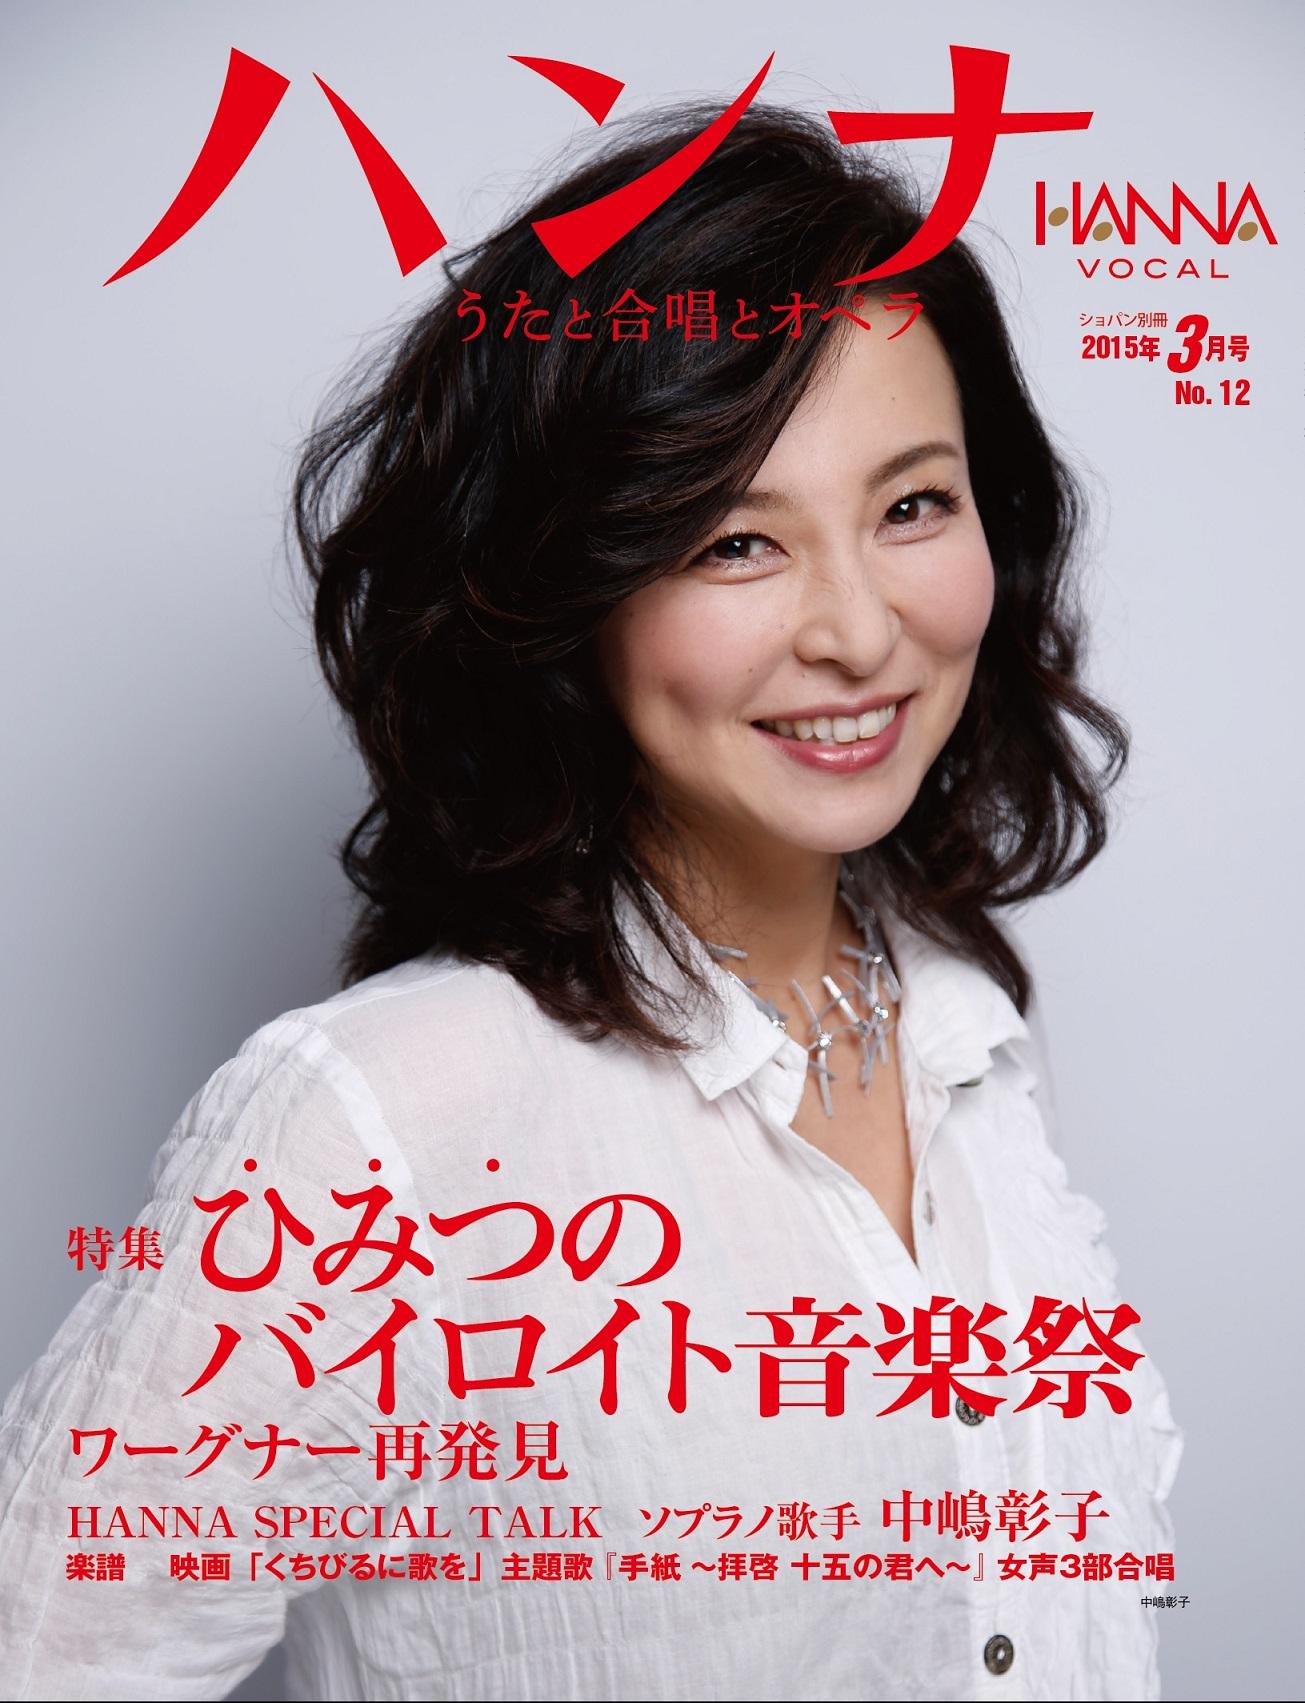 ハンナ2015年3月号 No.12